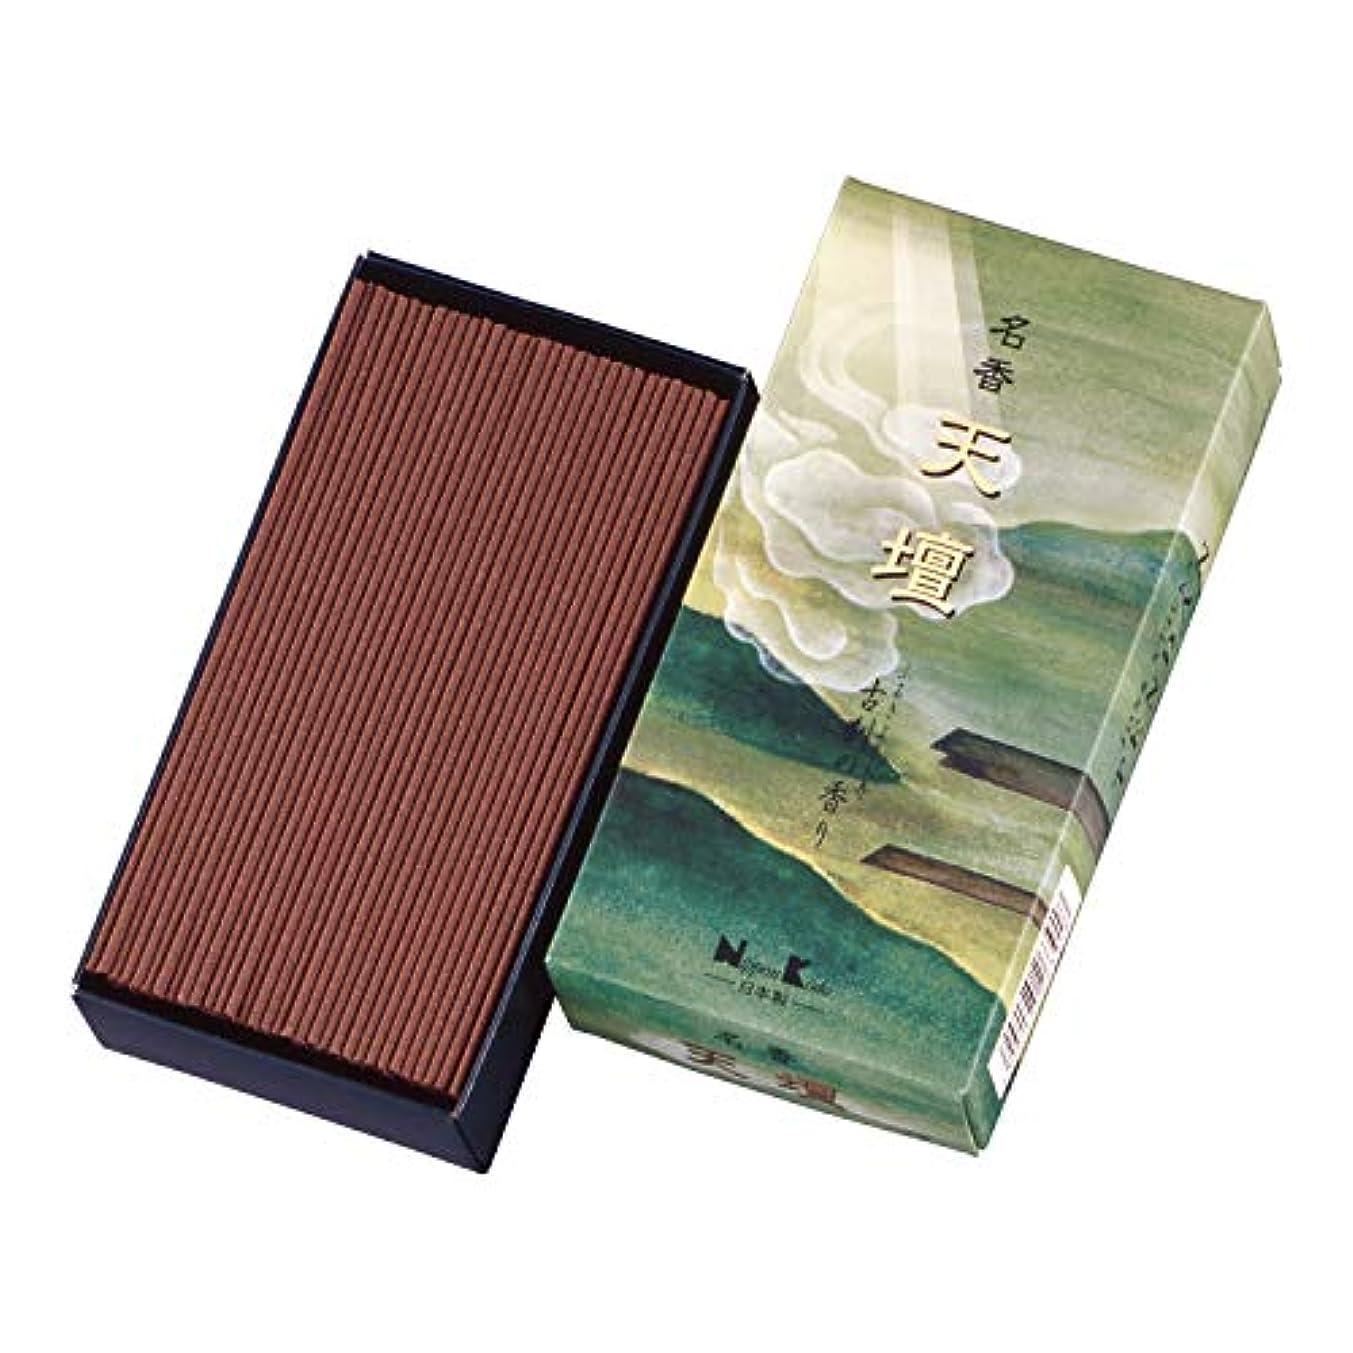 構造秘密のファイル名香天壇 古刹の香り バラ詰